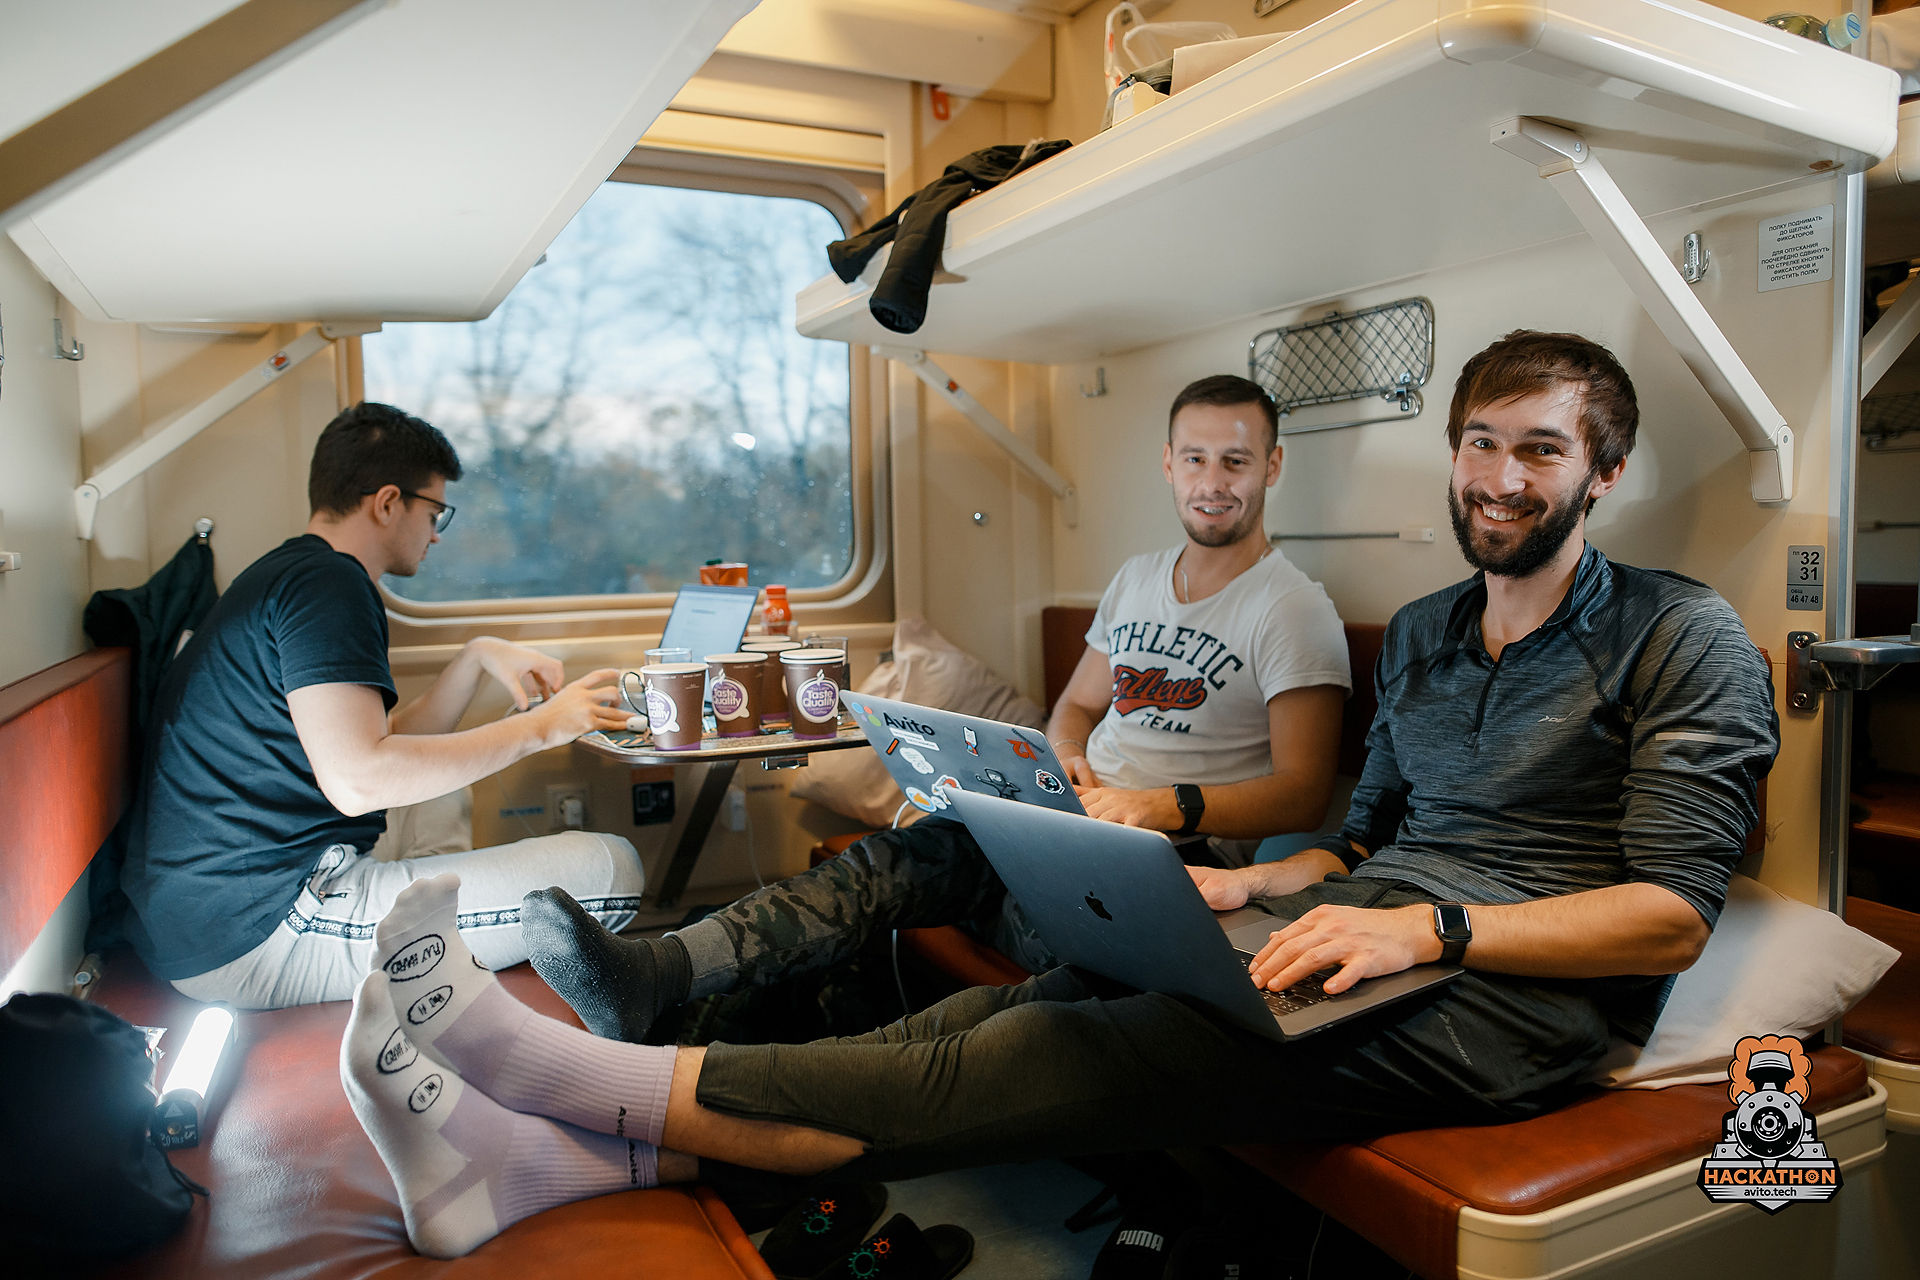 Как мы сделали хакатон в поезде и что из этого получилось - 17